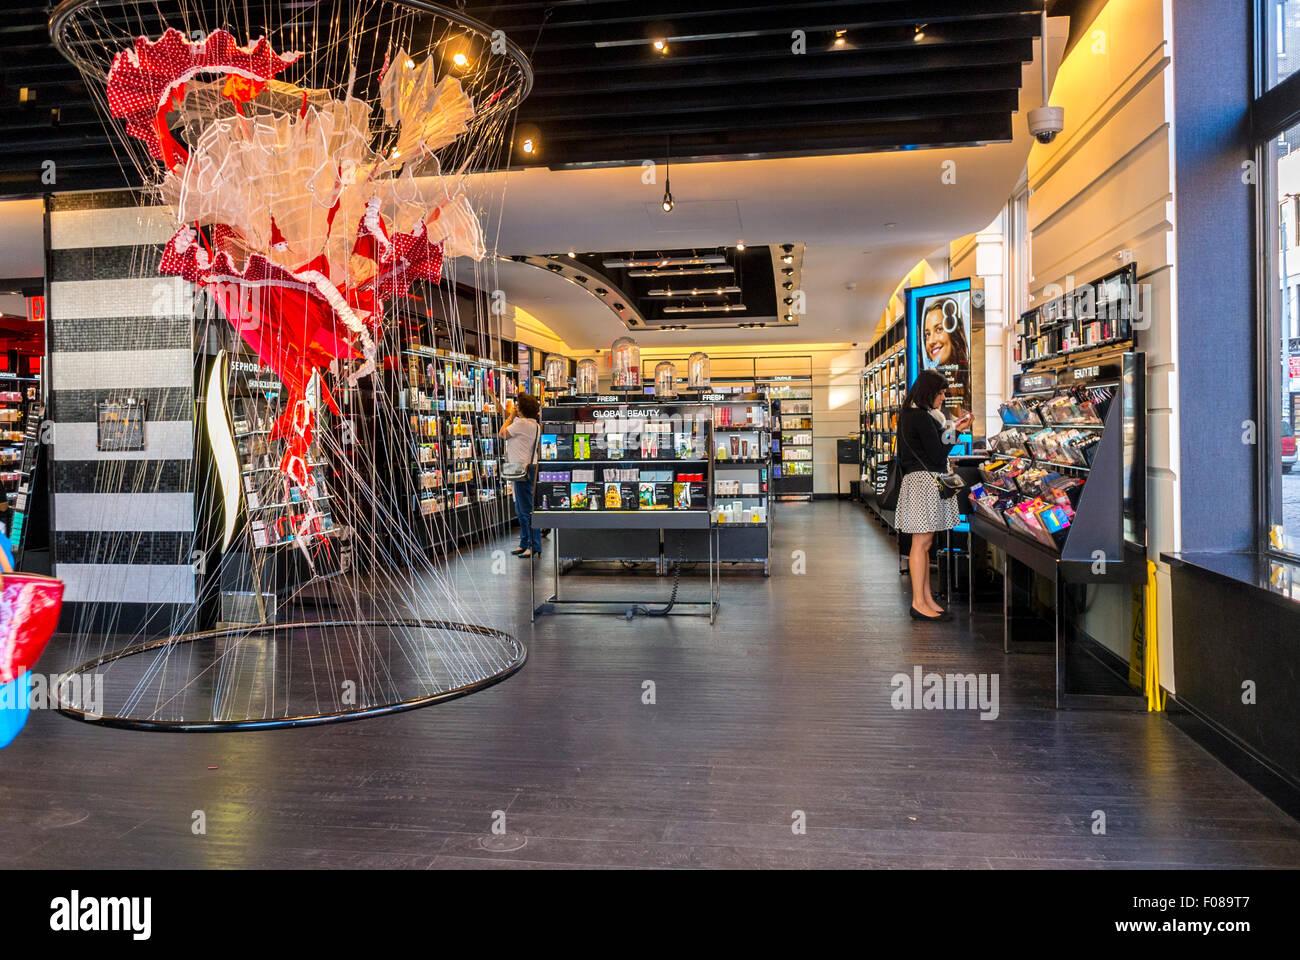 La Ciudad de Nueva York, EE.UU., Meat Packing District, personas que compran en la Tienda Concepto Imagen De Stock